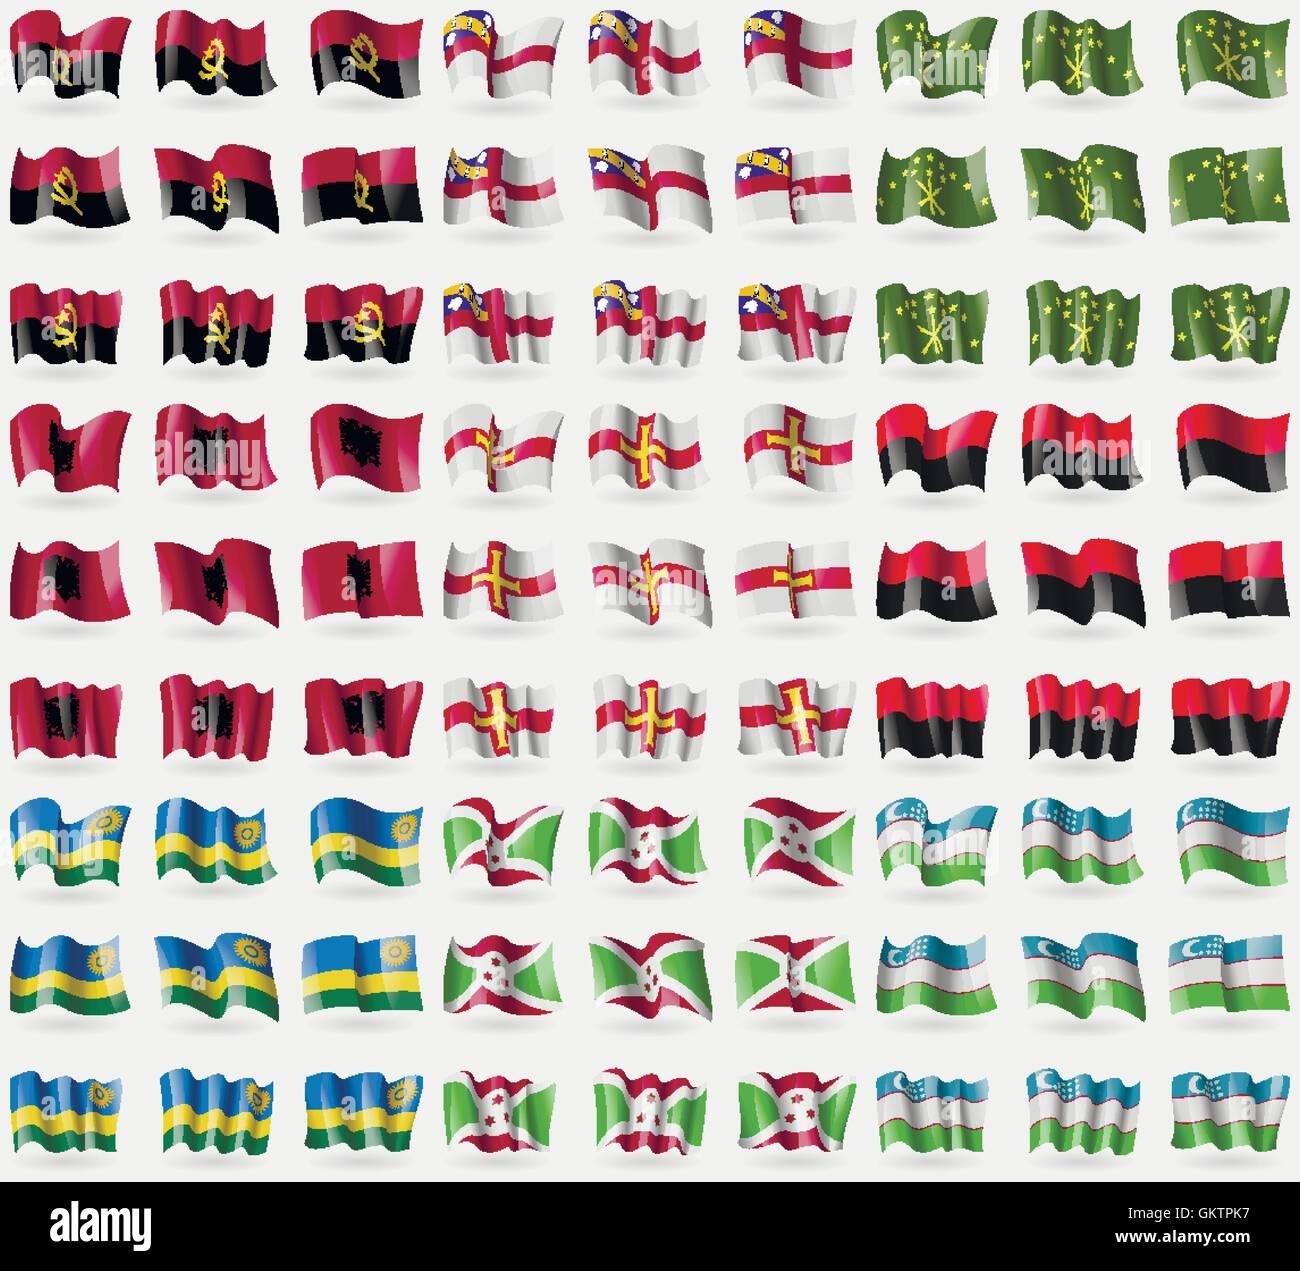 Angola, Herm, Adygea, Albania, Guernsey, UPA, Rwanda, Burundi, Uzbekistan. Big set of 81 flags. Vector - Stock Vector